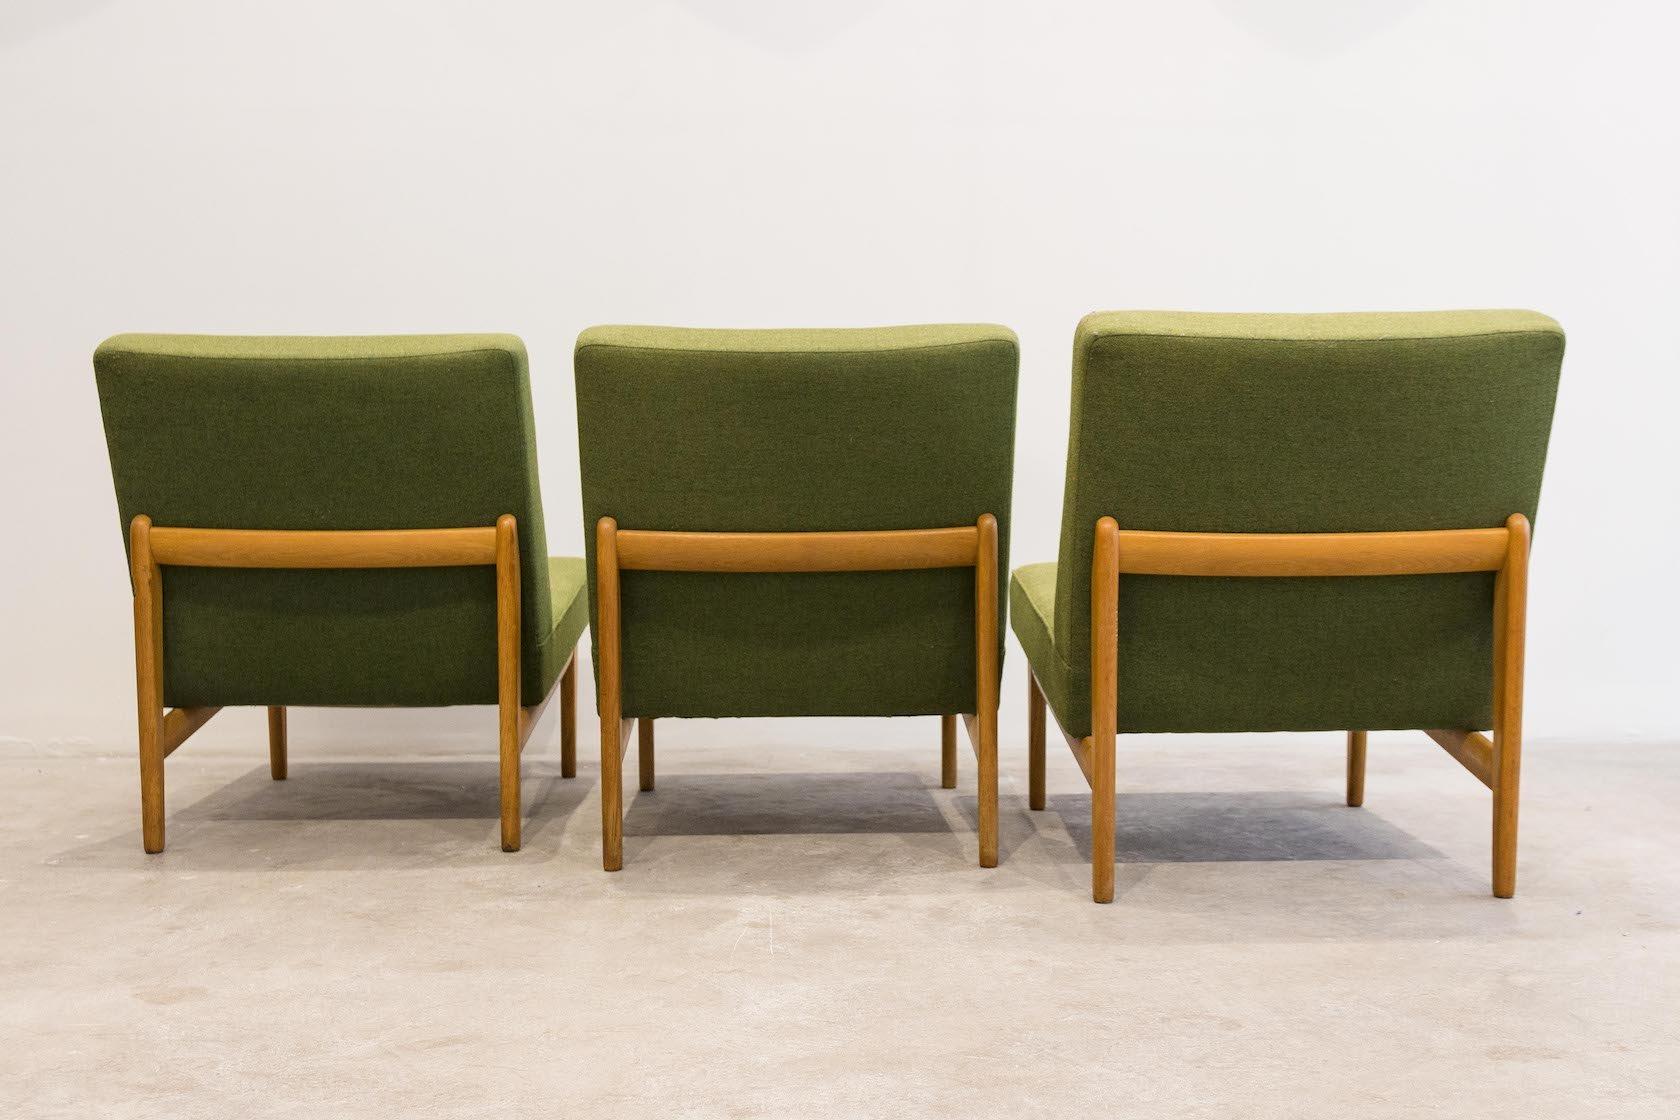 skandinavisches vintage sofa in gr n bei pamono kaufen. Black Bedroom Furniture Sets. Home Design Ideas